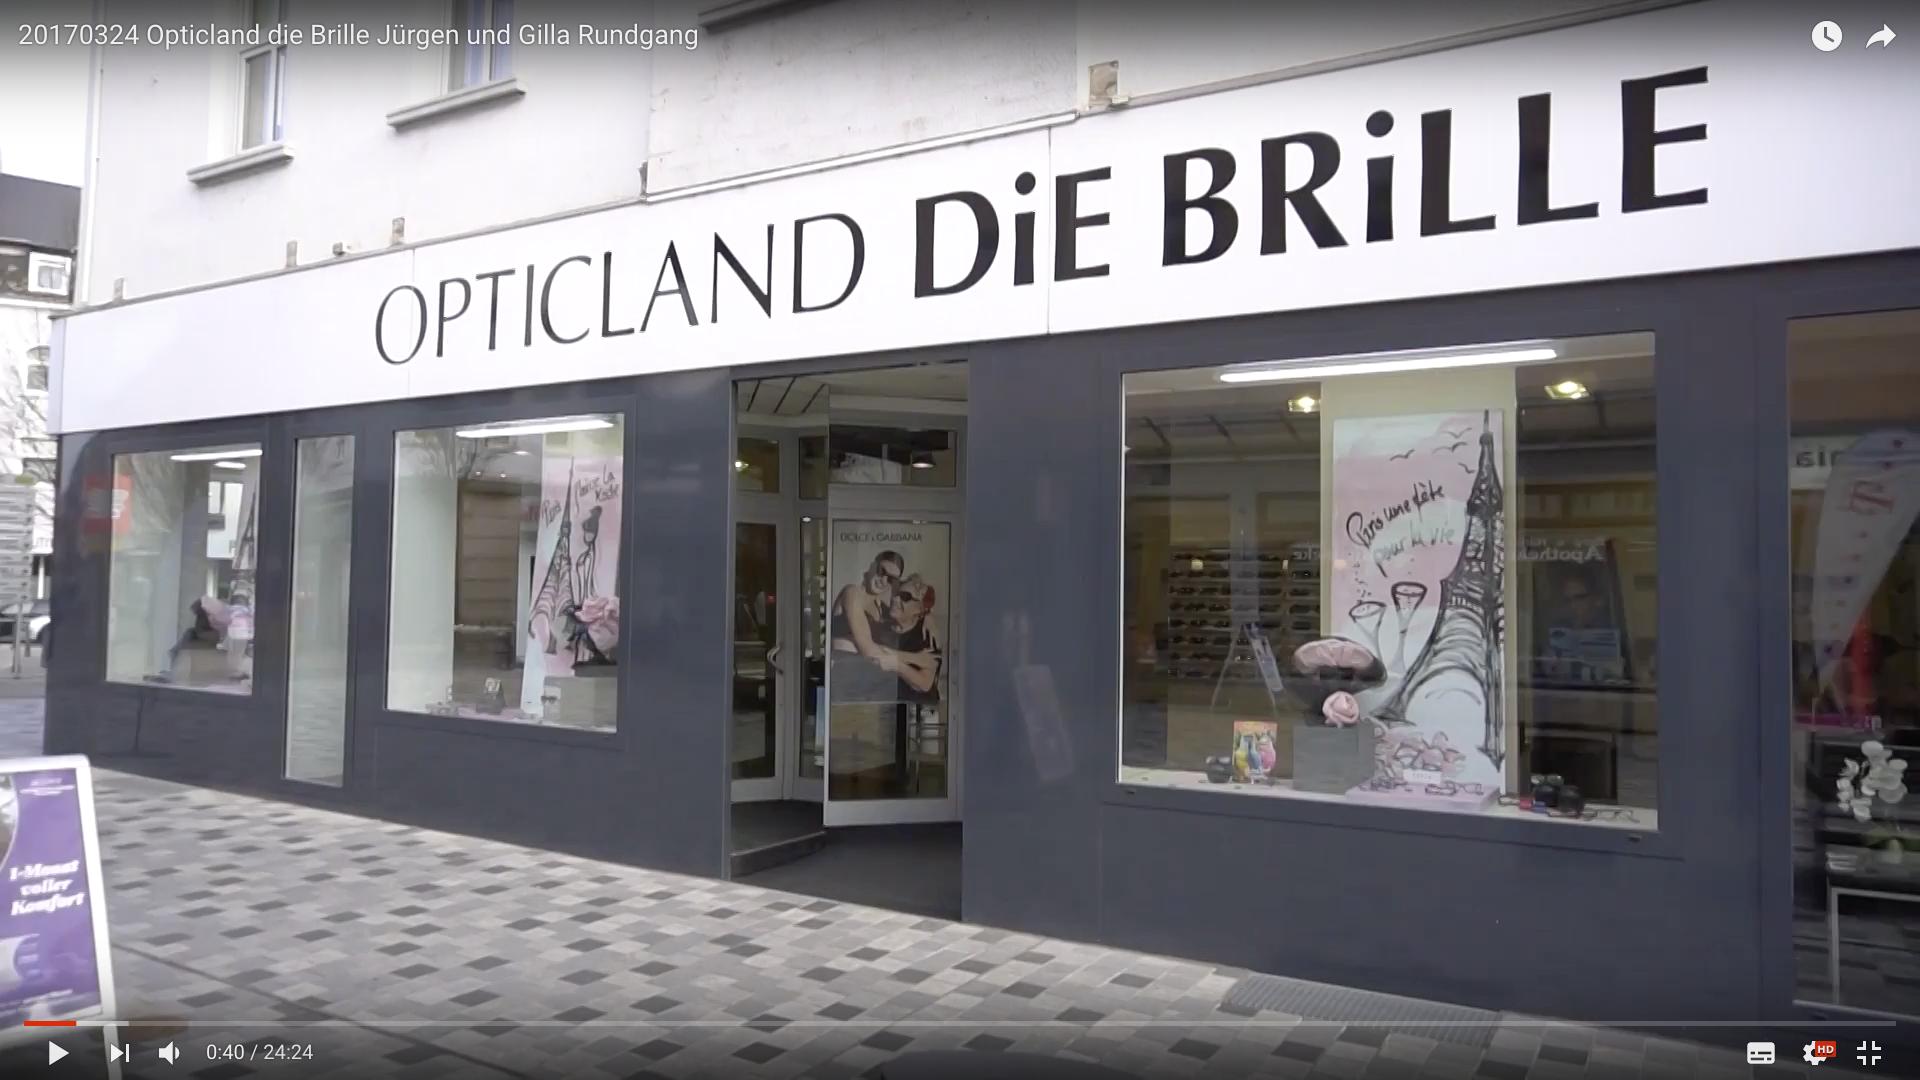 2017 Opticland die Brille Jürgen und Gilla Rundgang Opticland_MSM_MEDIEN_SAAR_MOSEL_SAARLAND_FERNSEHEN_1_ED_SAAR